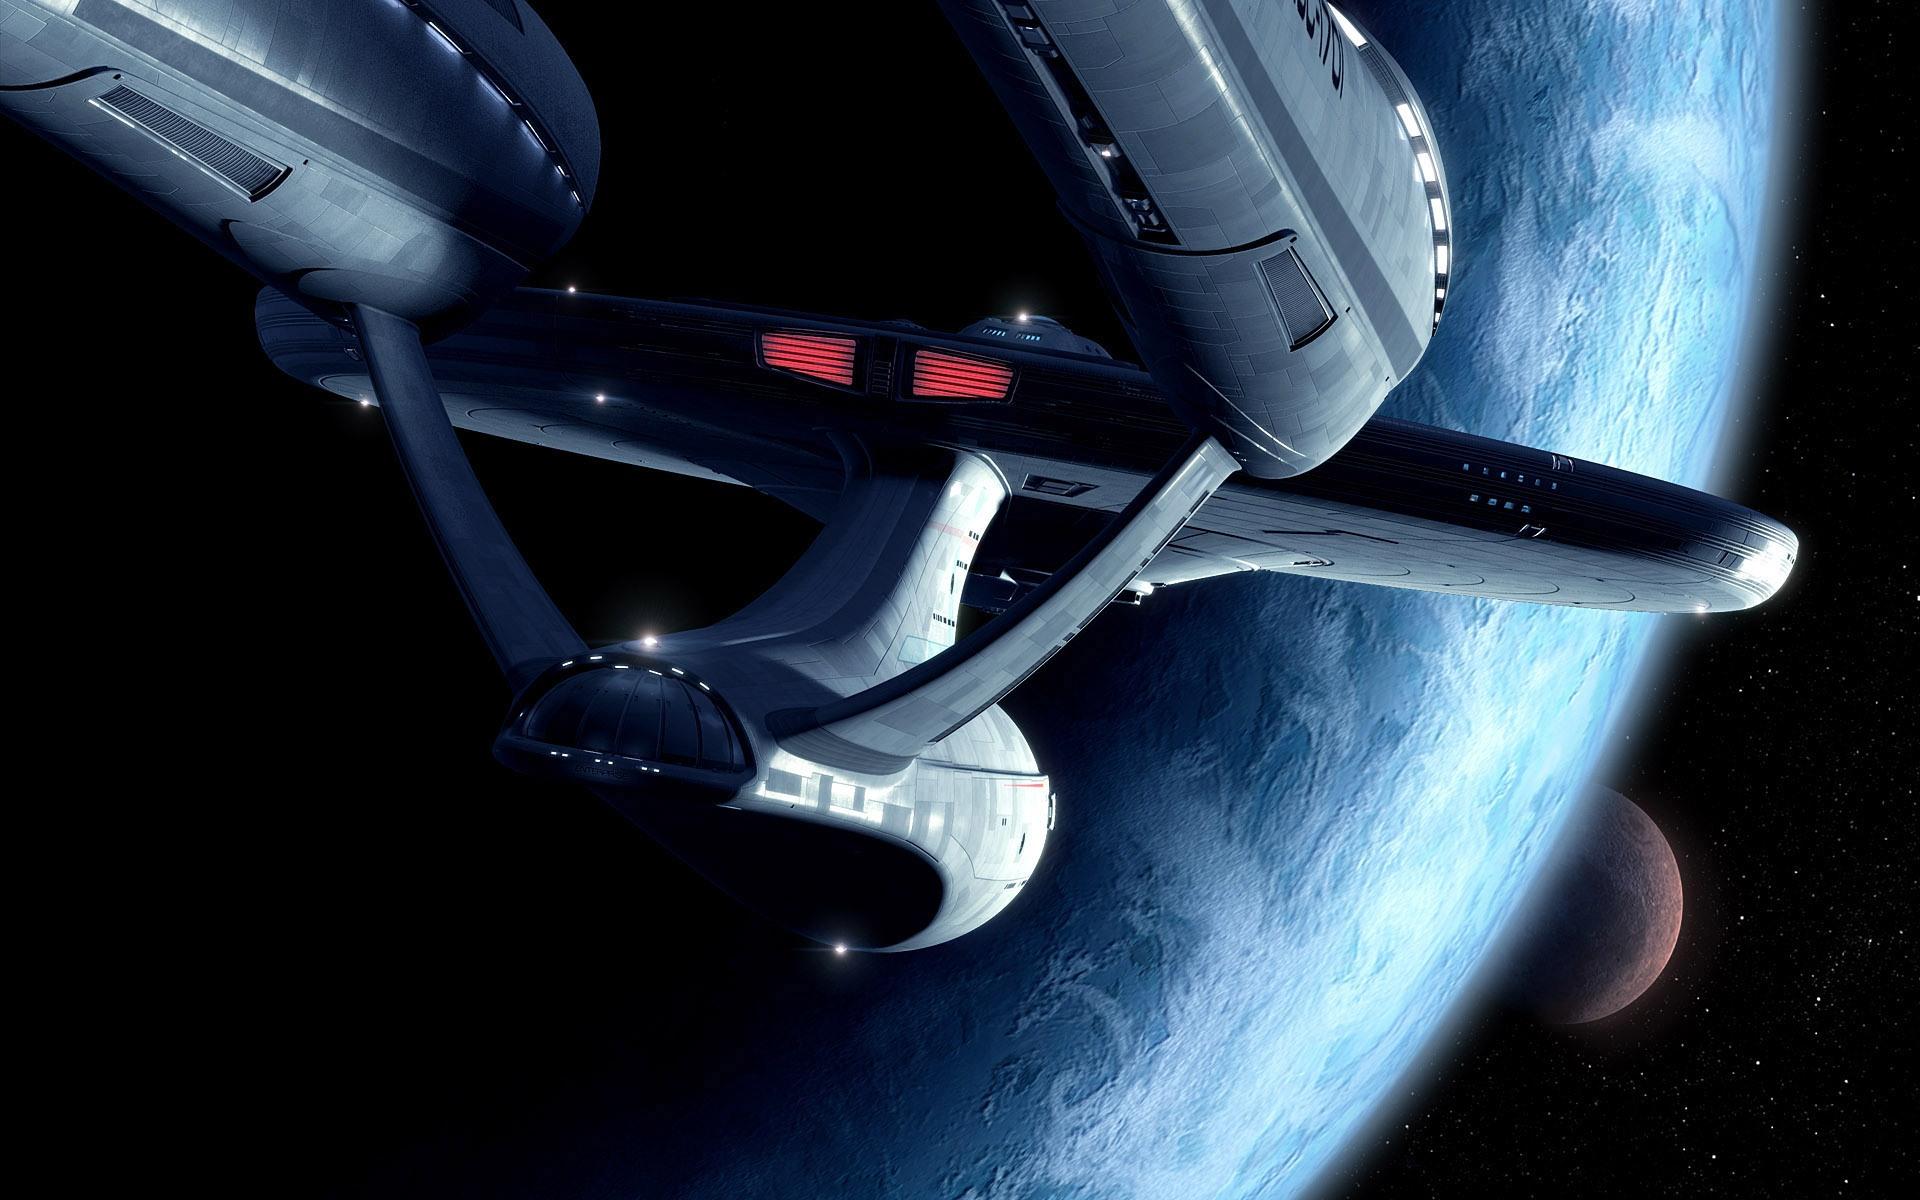 Star Trek Wallpapers High Resolution 1920x1200